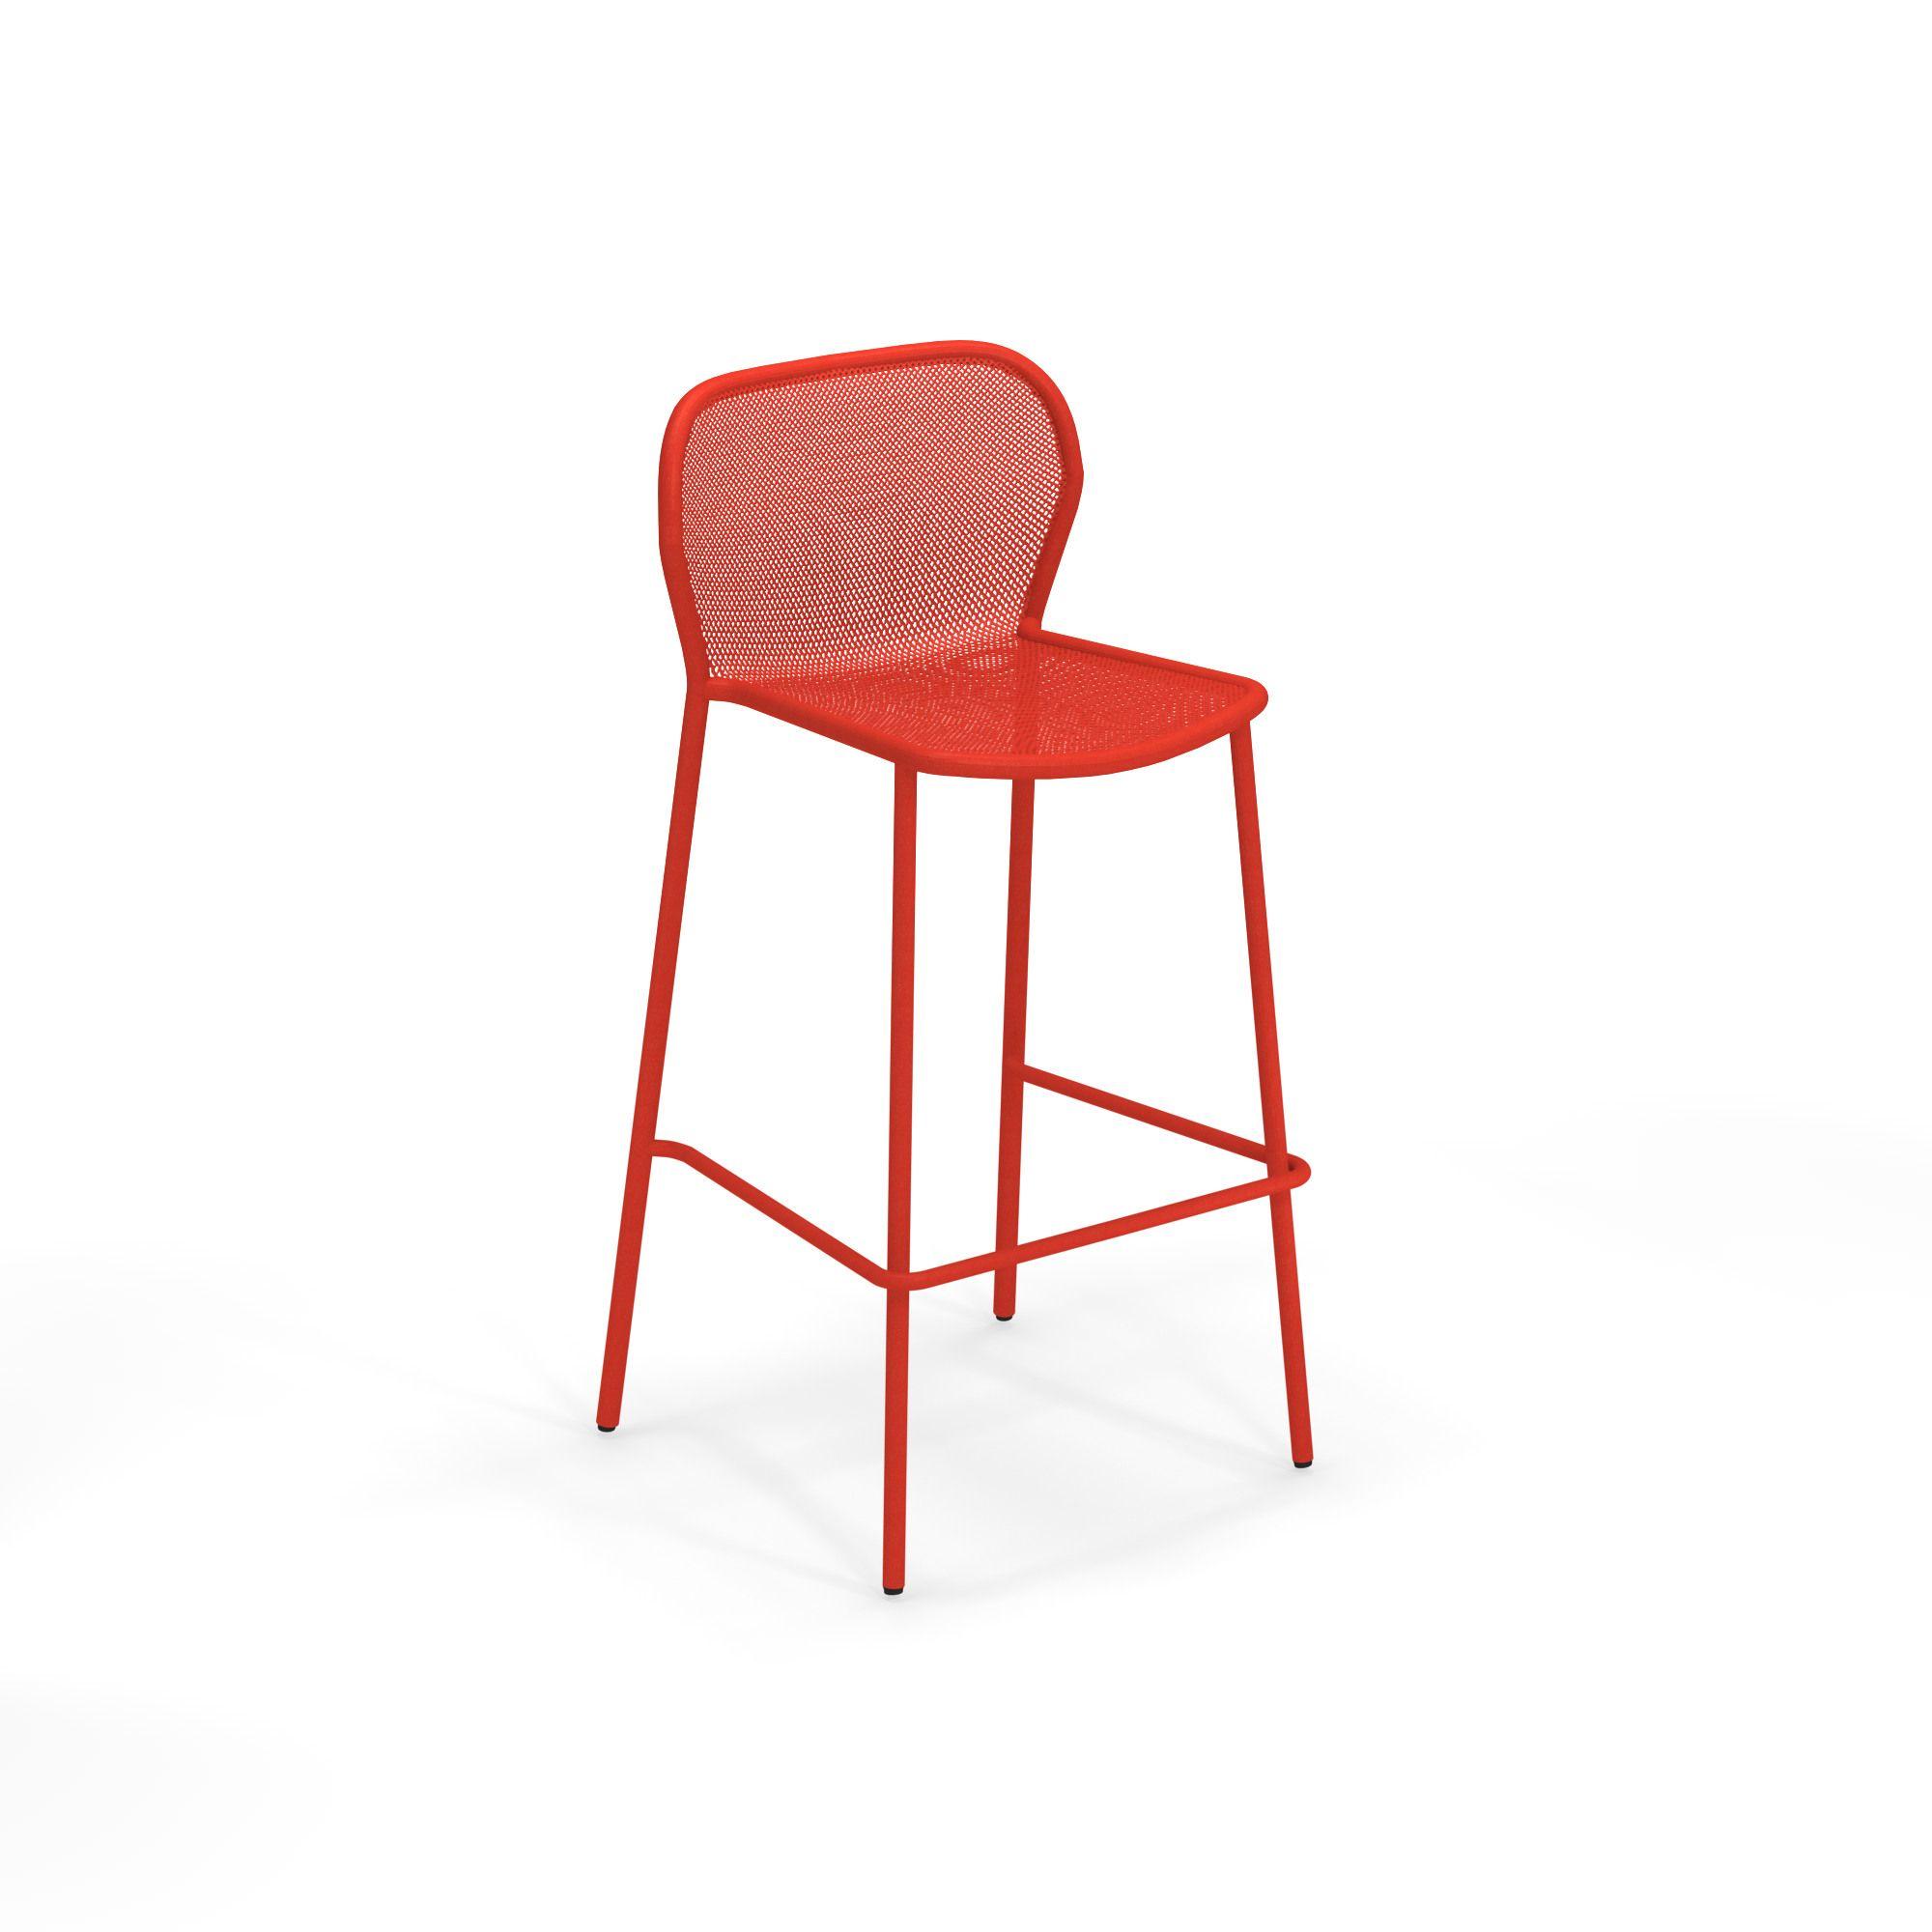 emuamericas, llc 523-50 bar stool, stacking, outdoor